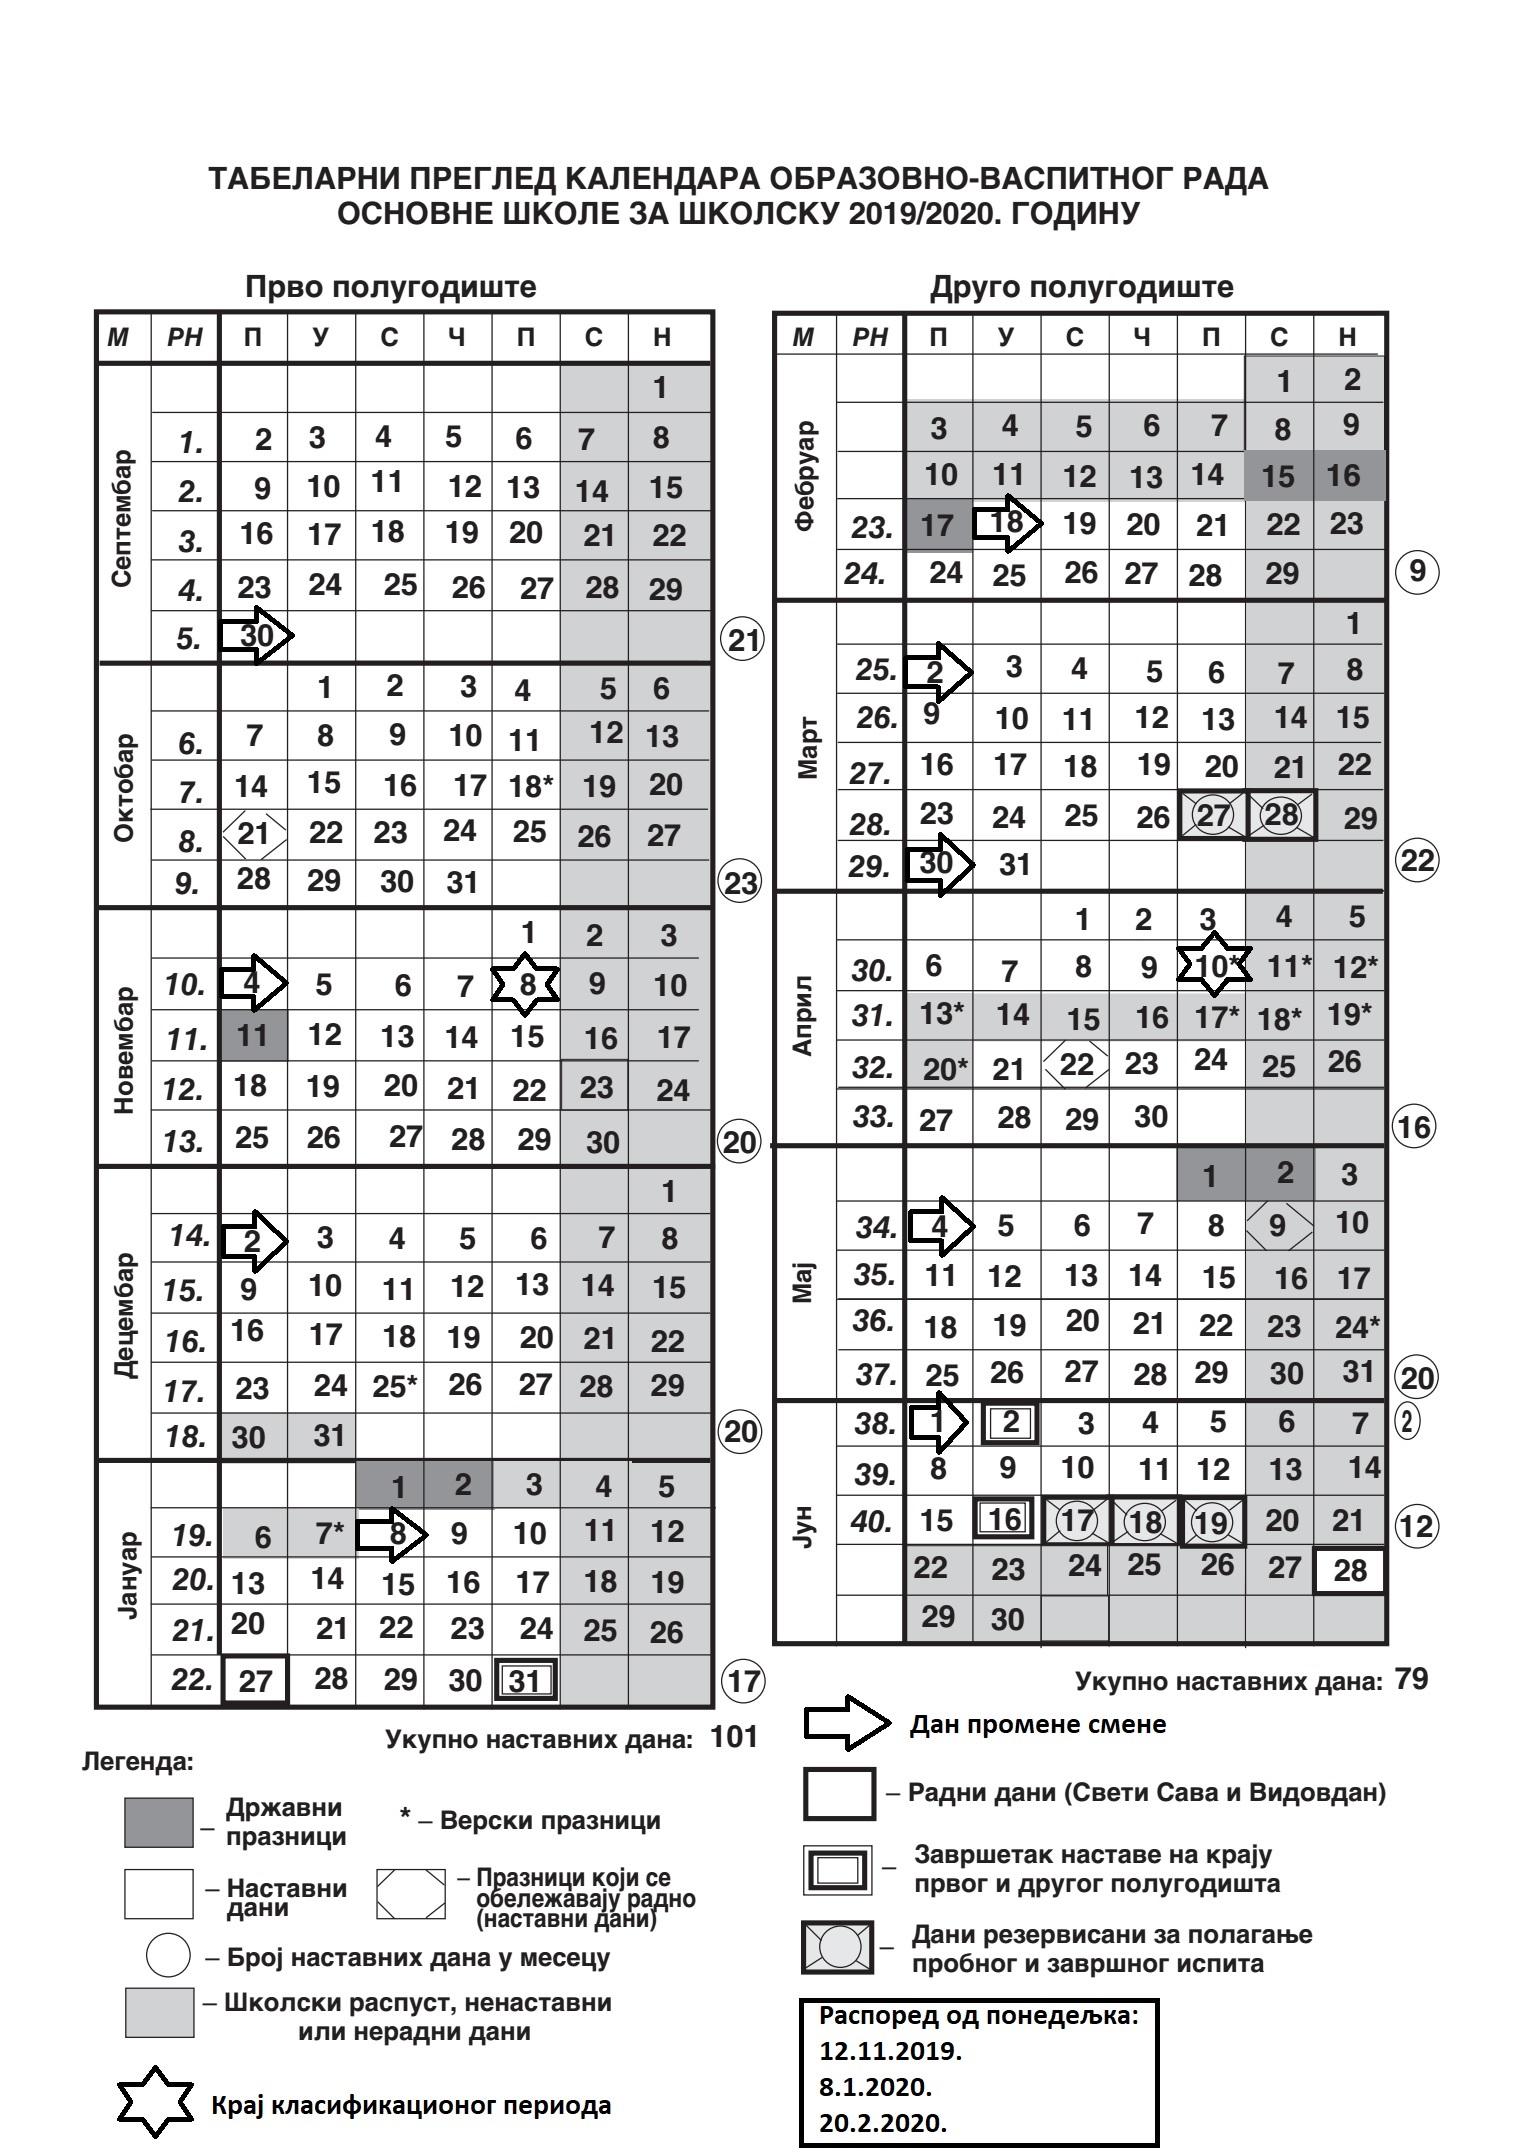 Kalendar 2019-20.jpg